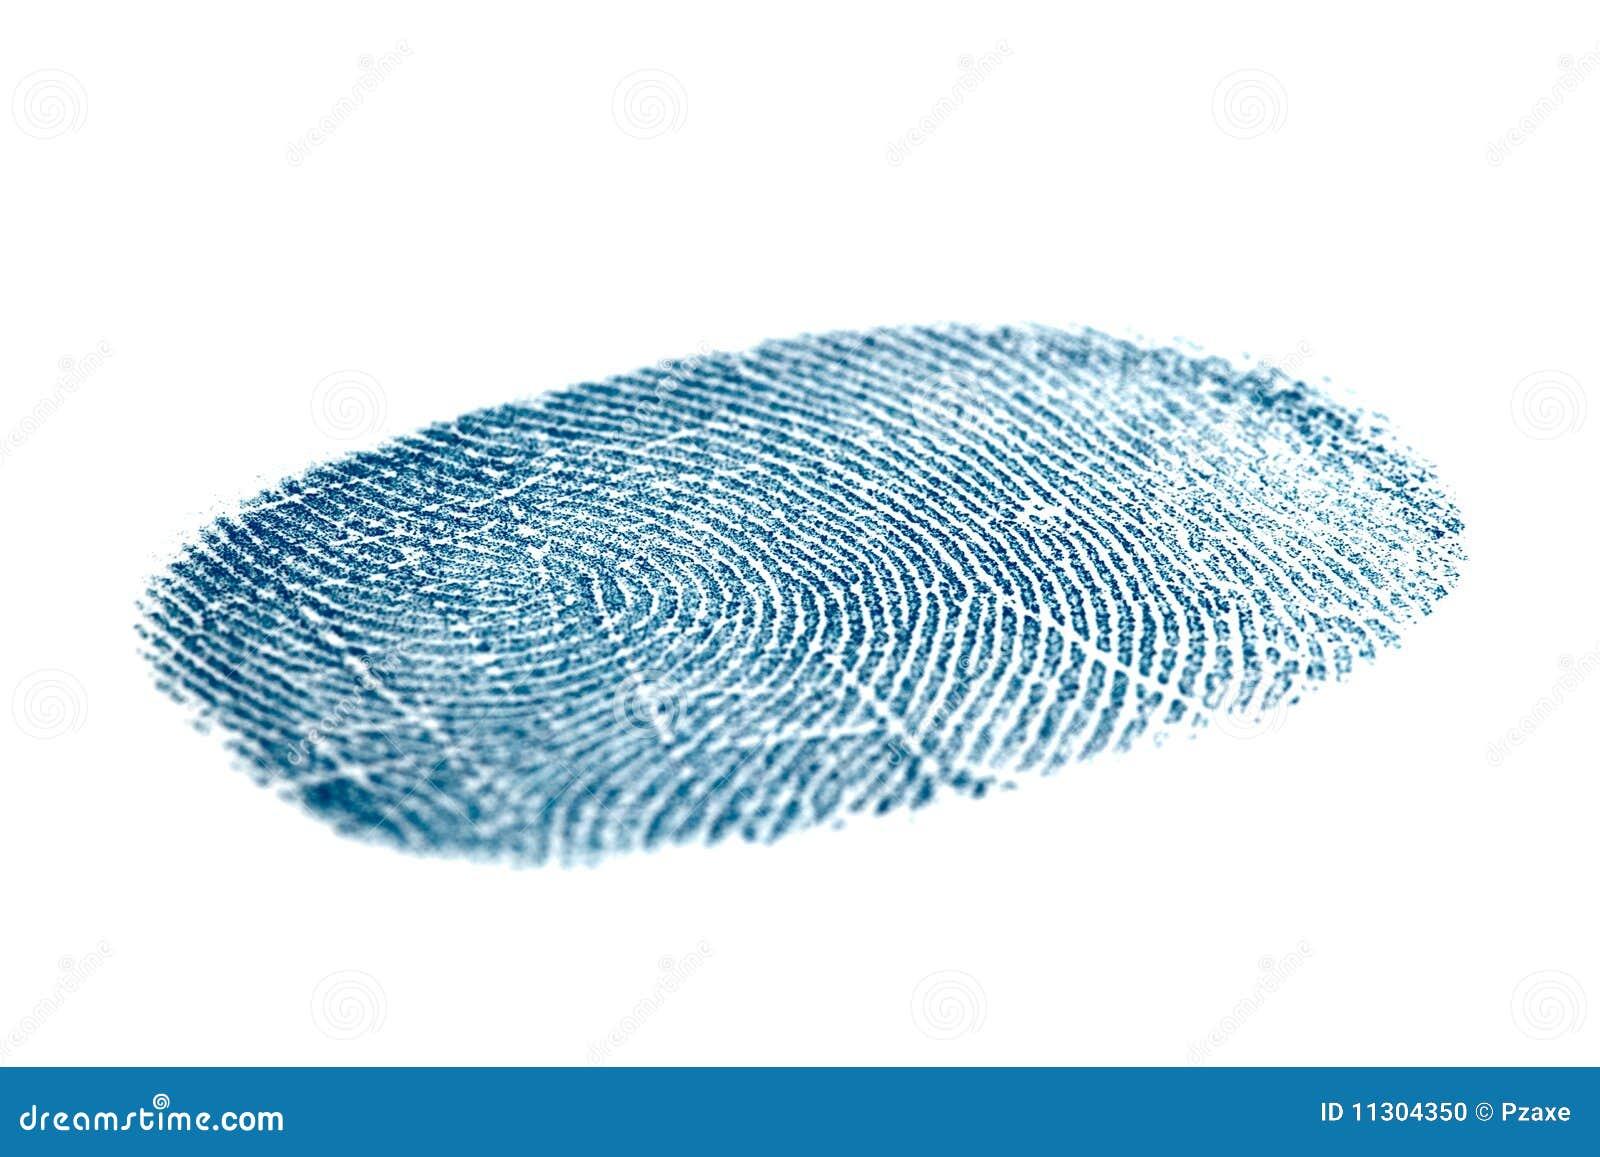 Blauer Fingerabdruck getrennt auf Weiß